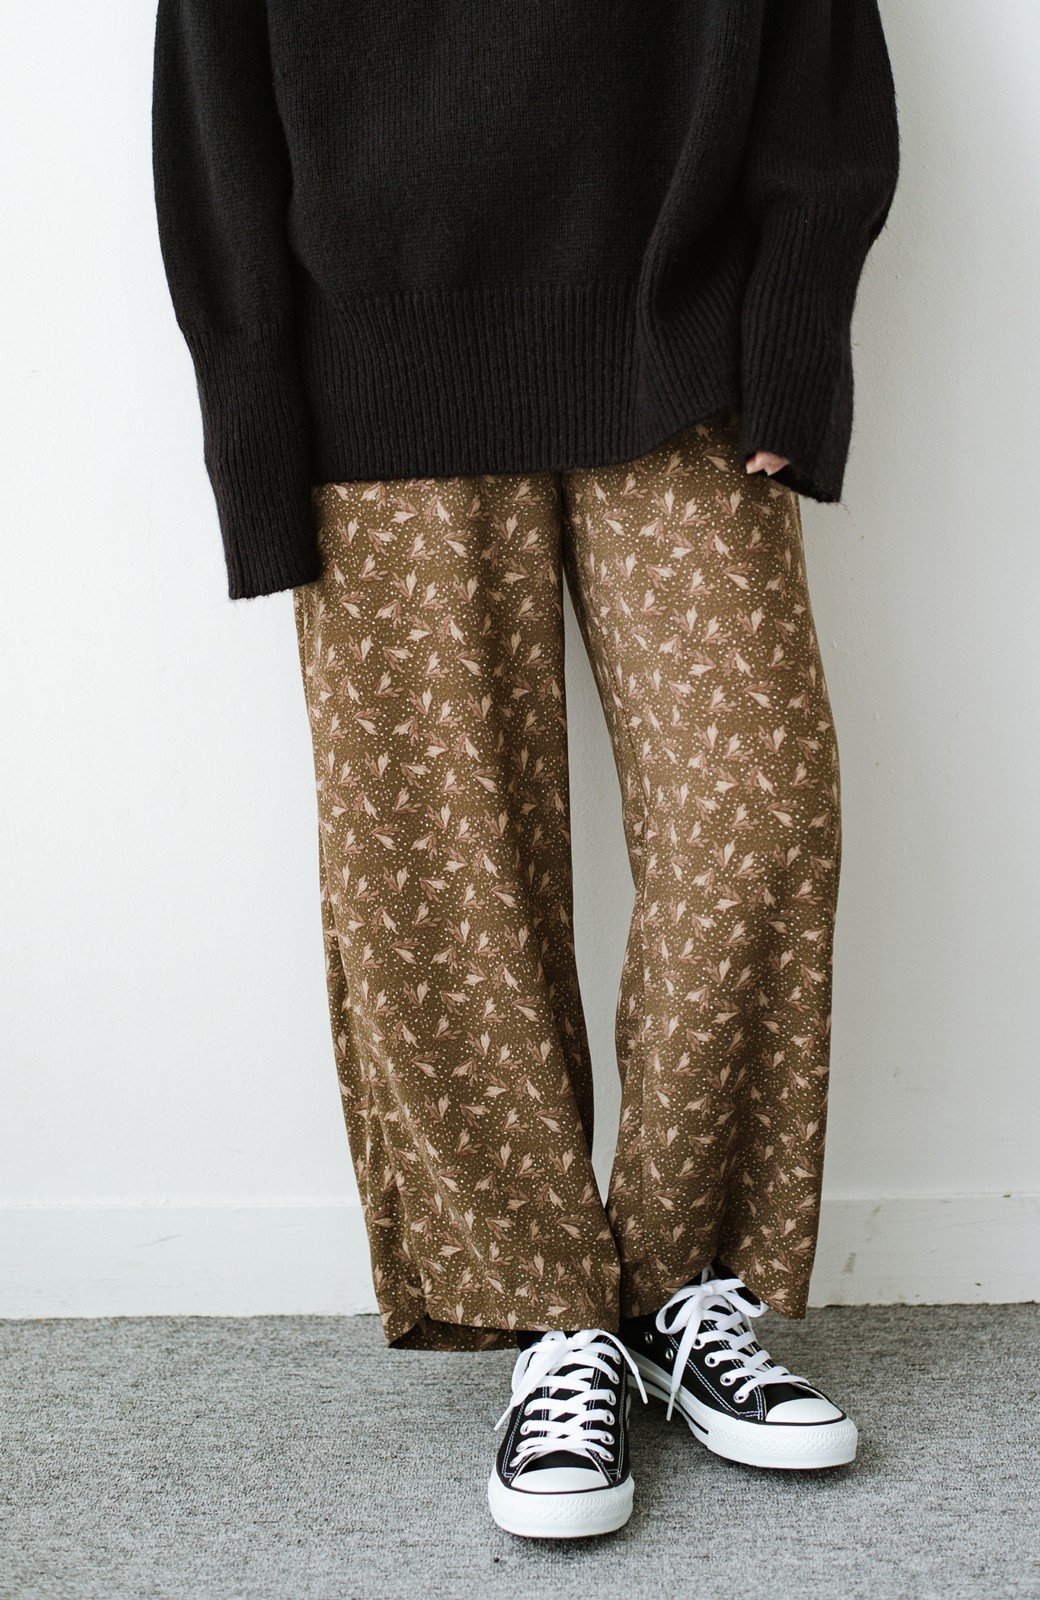 haco! 1枚でも重ね着でもパッと着映えする すっきりシルエットの大人の柄パンツ <ブラウン>の商品写真4